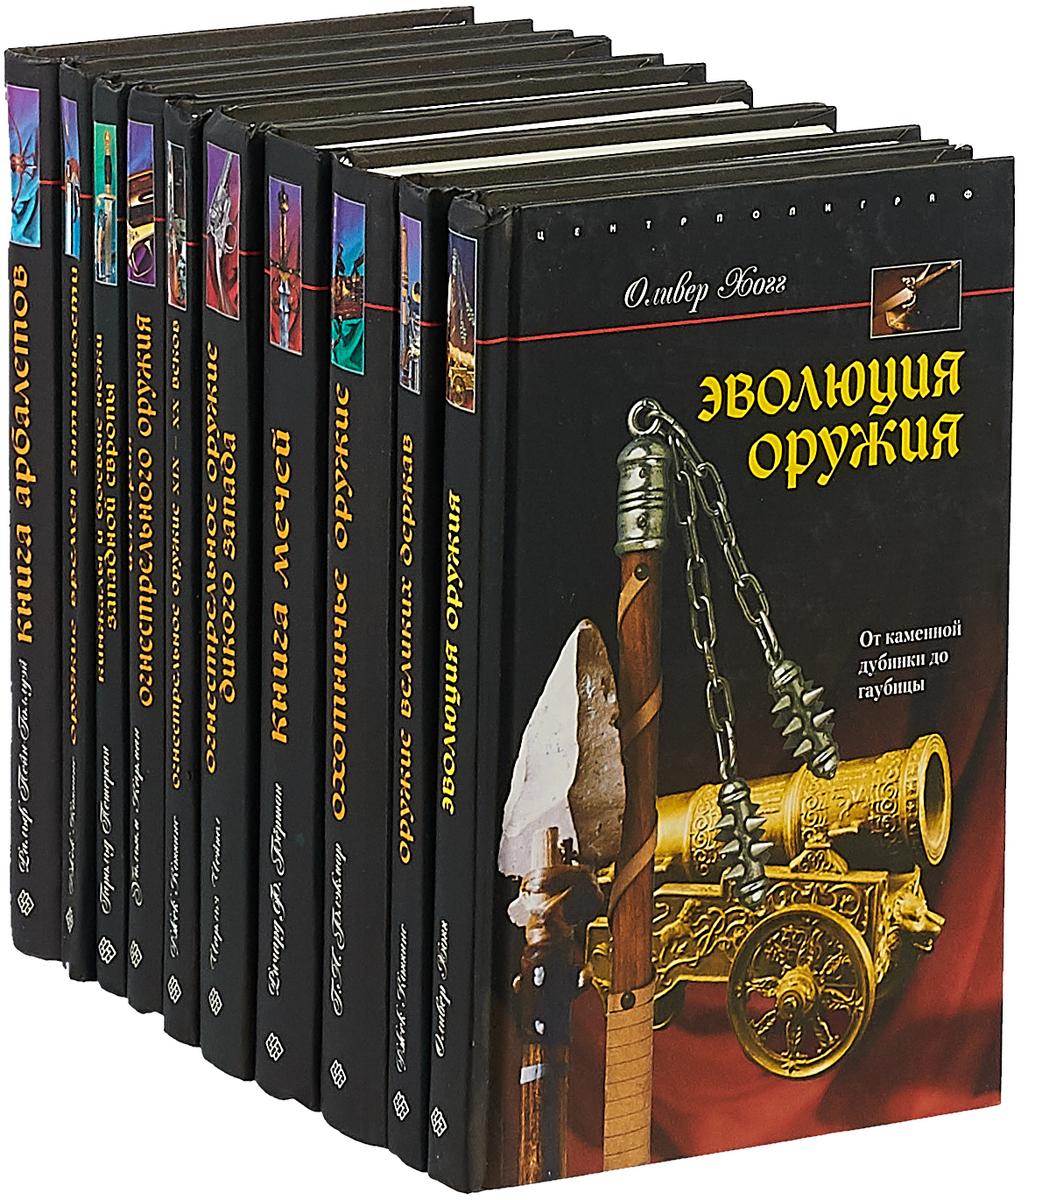 Карман У., Петерсон Г., Пейн-Голлуэй Р. И др. Историяоружия и обмундирования (комплект из 10 книг)